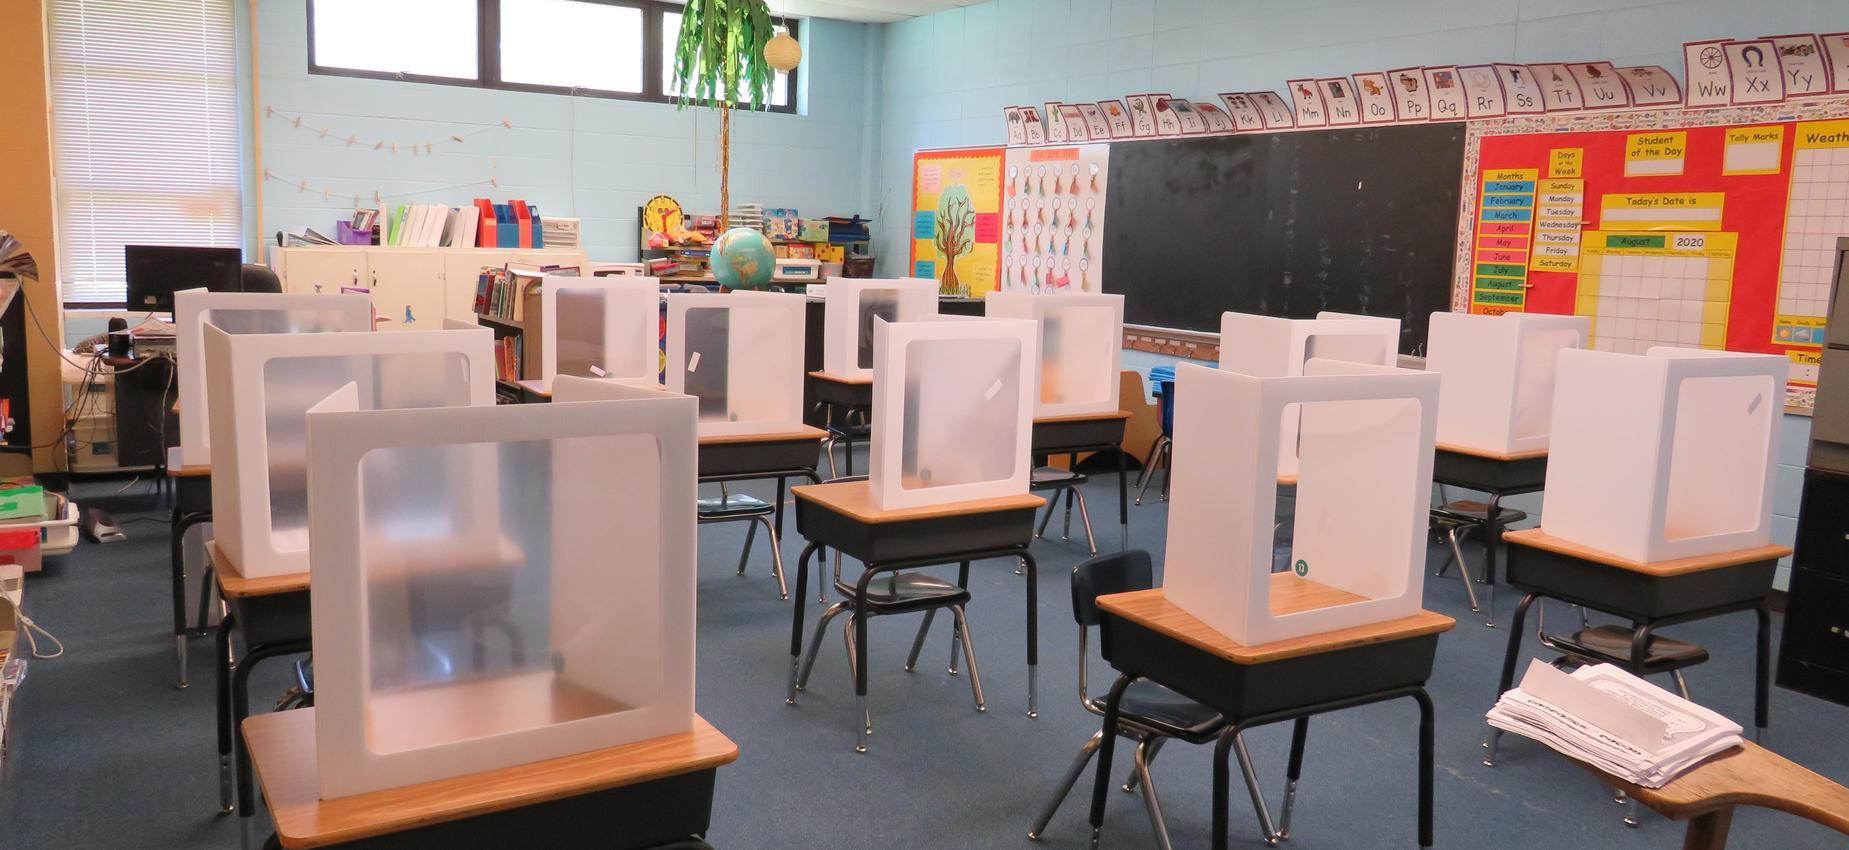 New Hebron Attendance Center Classroom